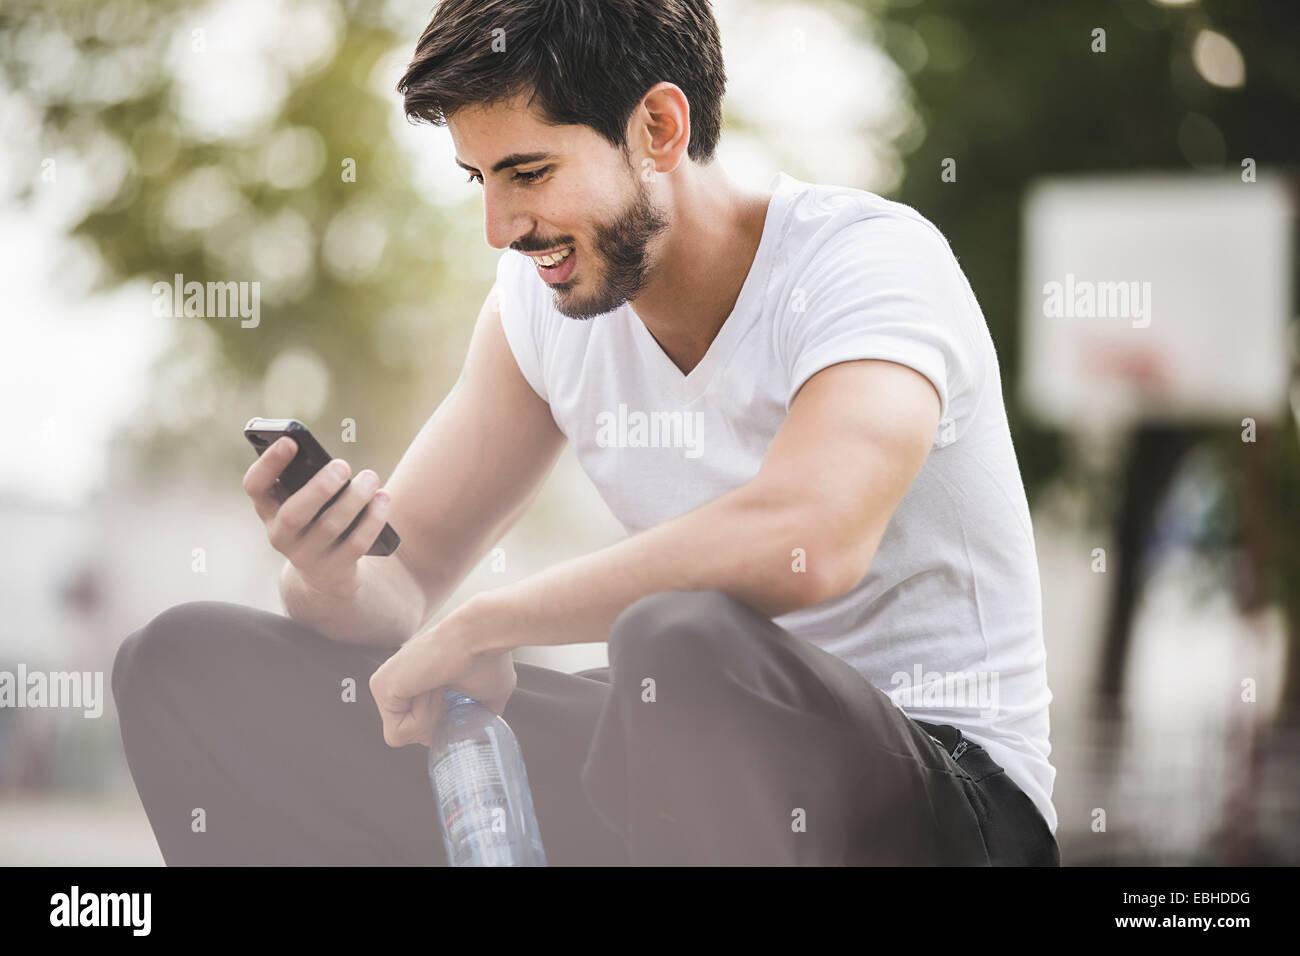 Giovani di Pallacanestro maschile la lettura di testi sullo smartphone Immagini Stock